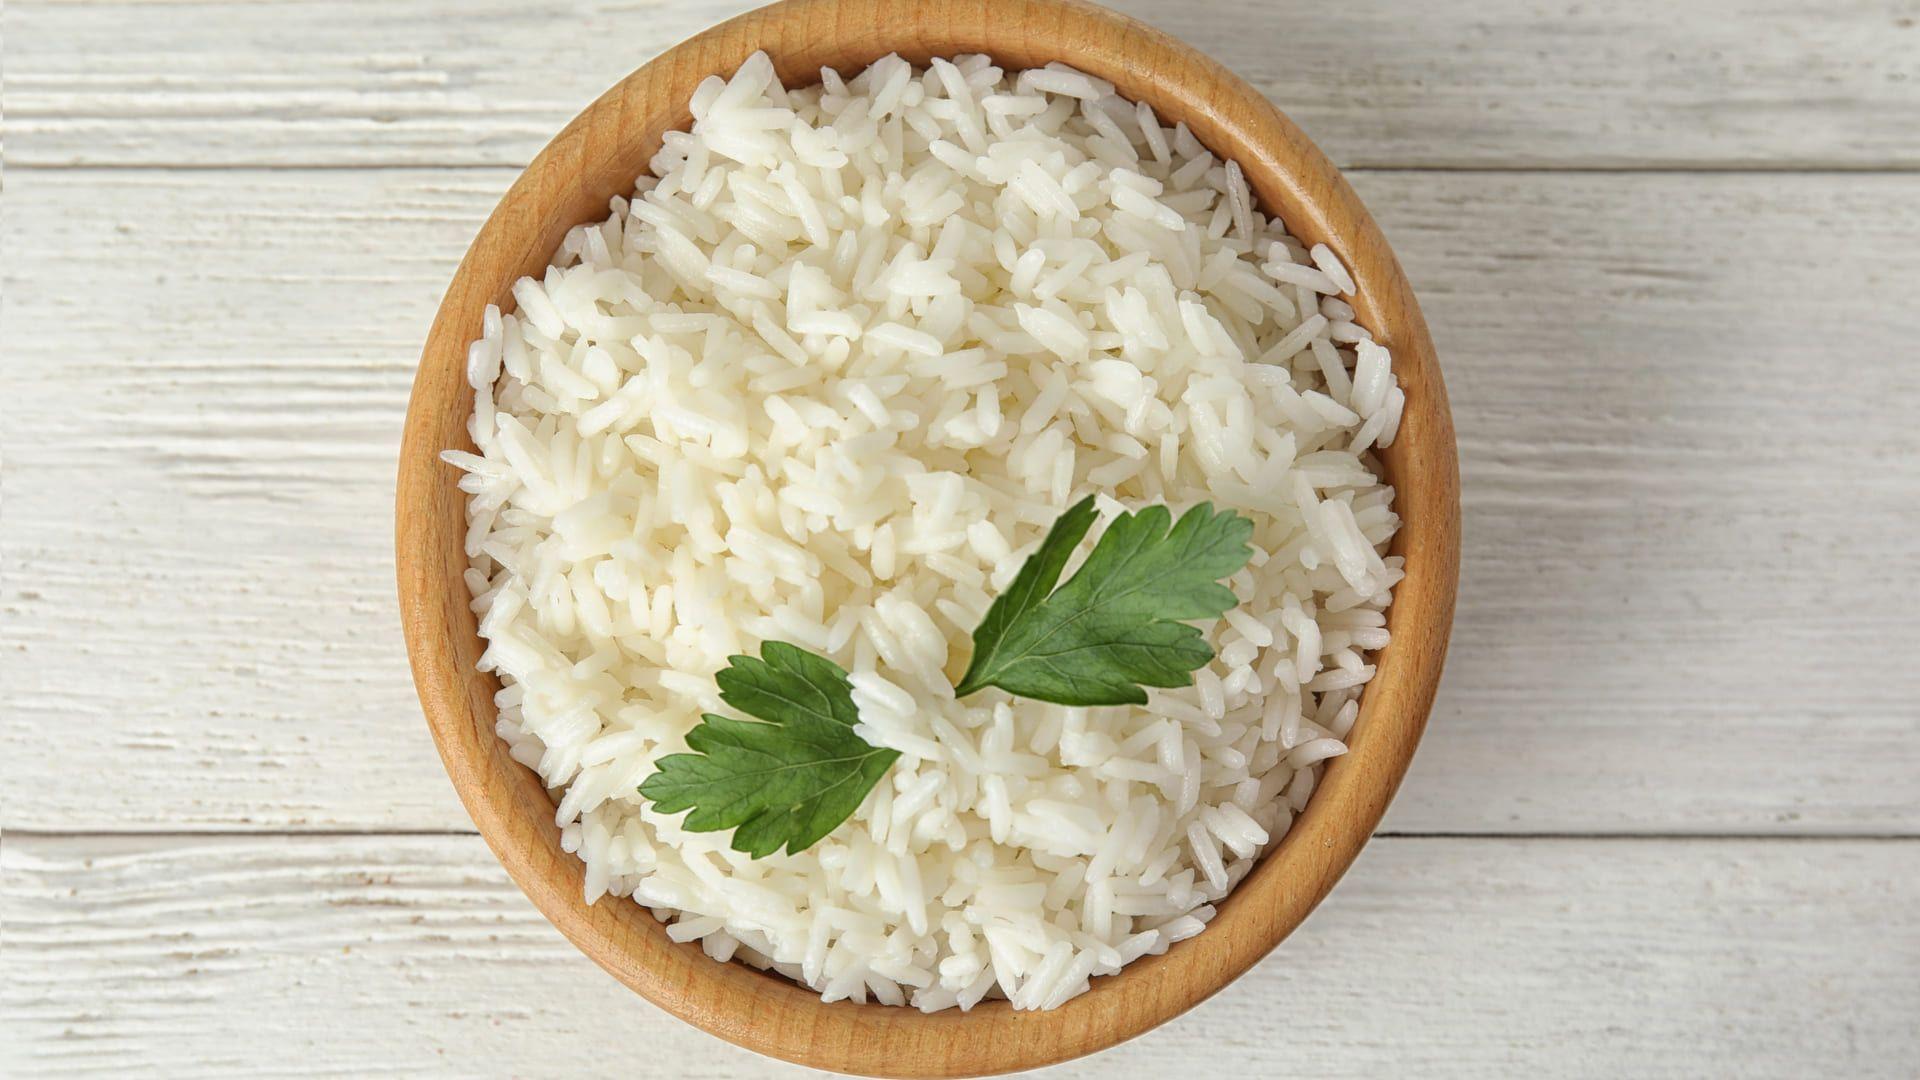 Se liga no passo a passo de como fazer arroz no micro-ondas! (Imagem: Reprodução/Shutterstock)